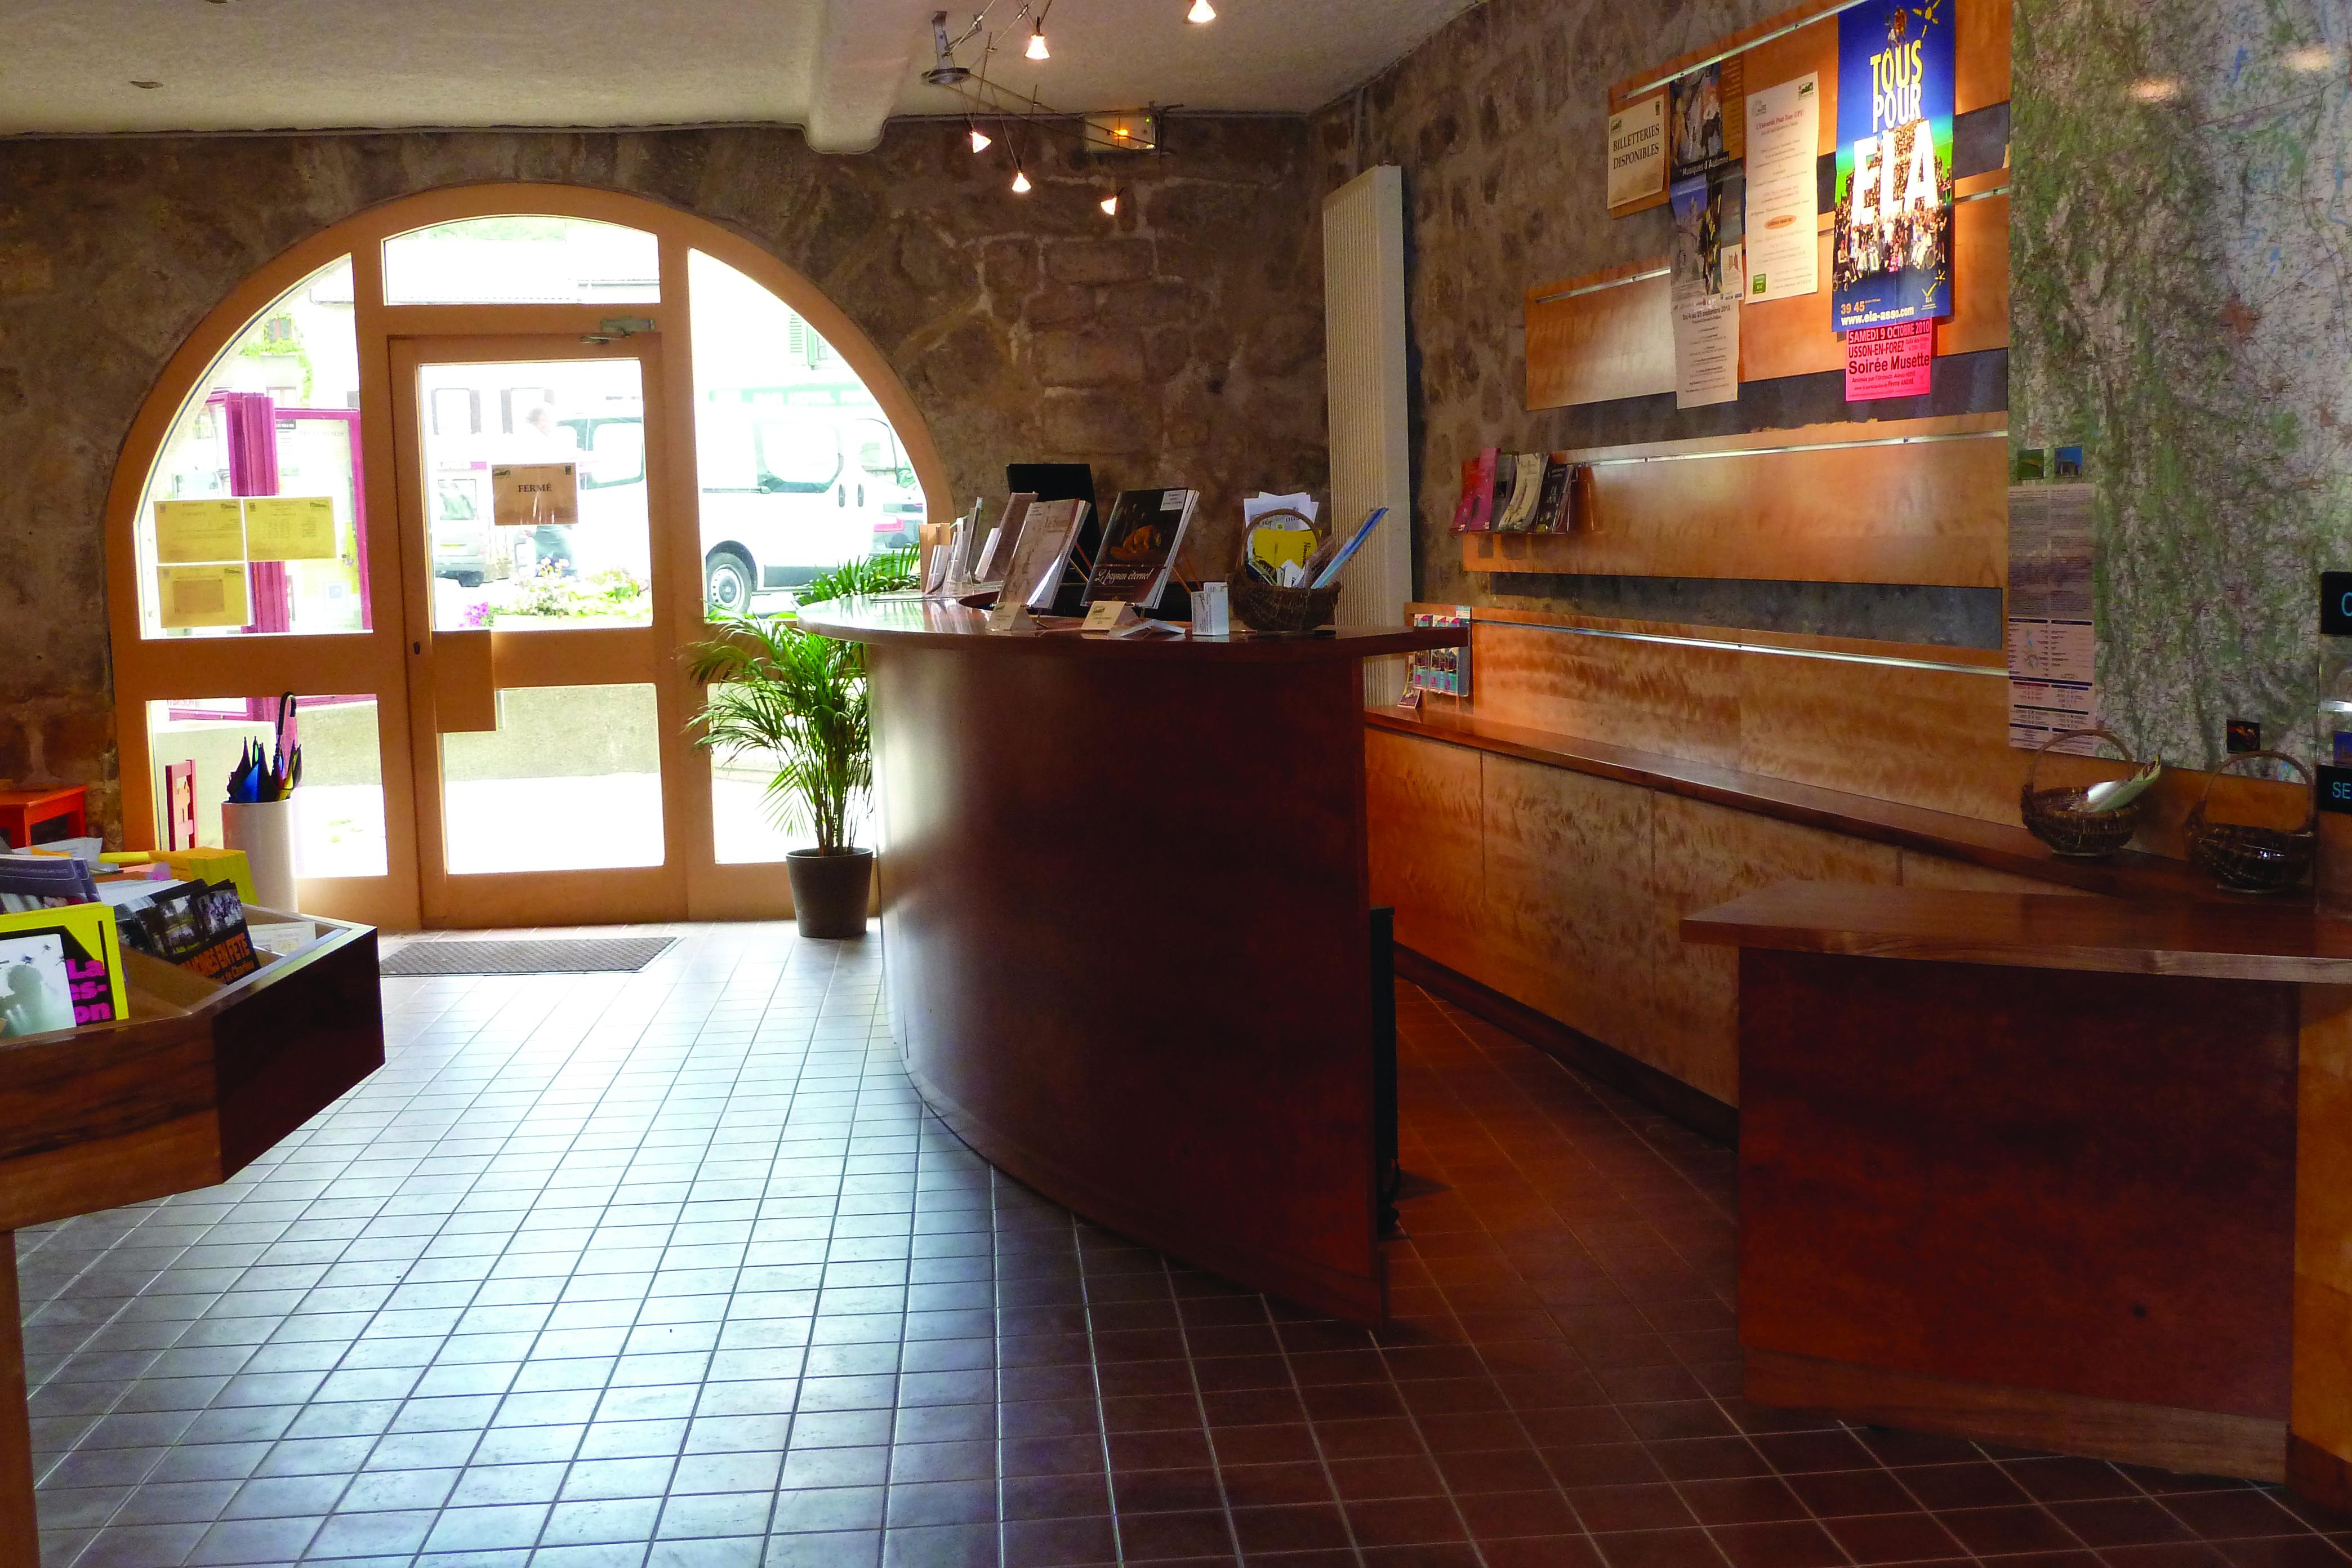 Office de tourisme loire forez bureau d 39 informations - Office de tourisme saint bonnet le chateau ...